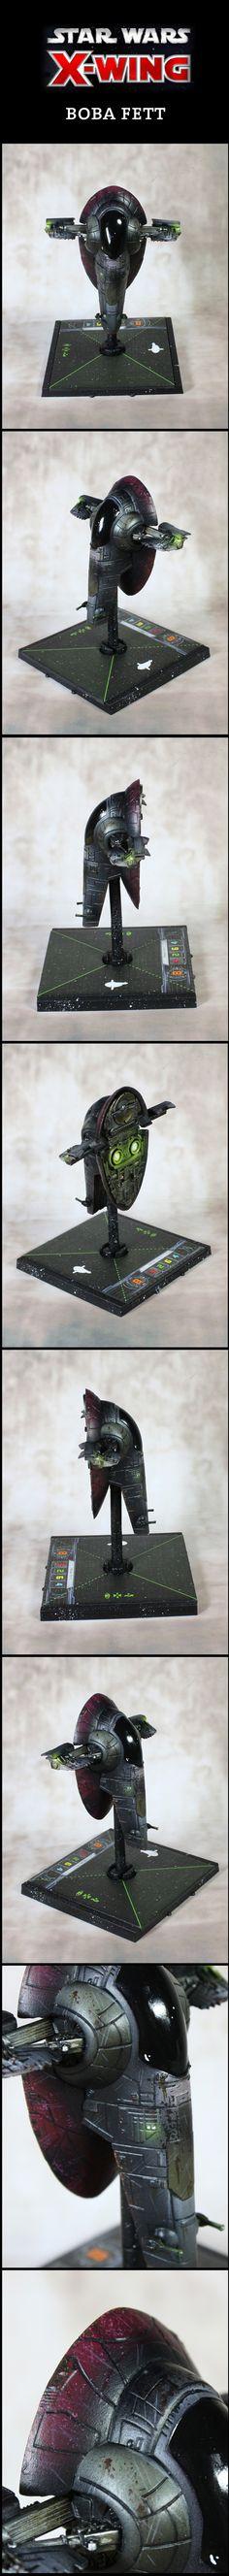 X-Wing Miniatures Boba Fett Firespray